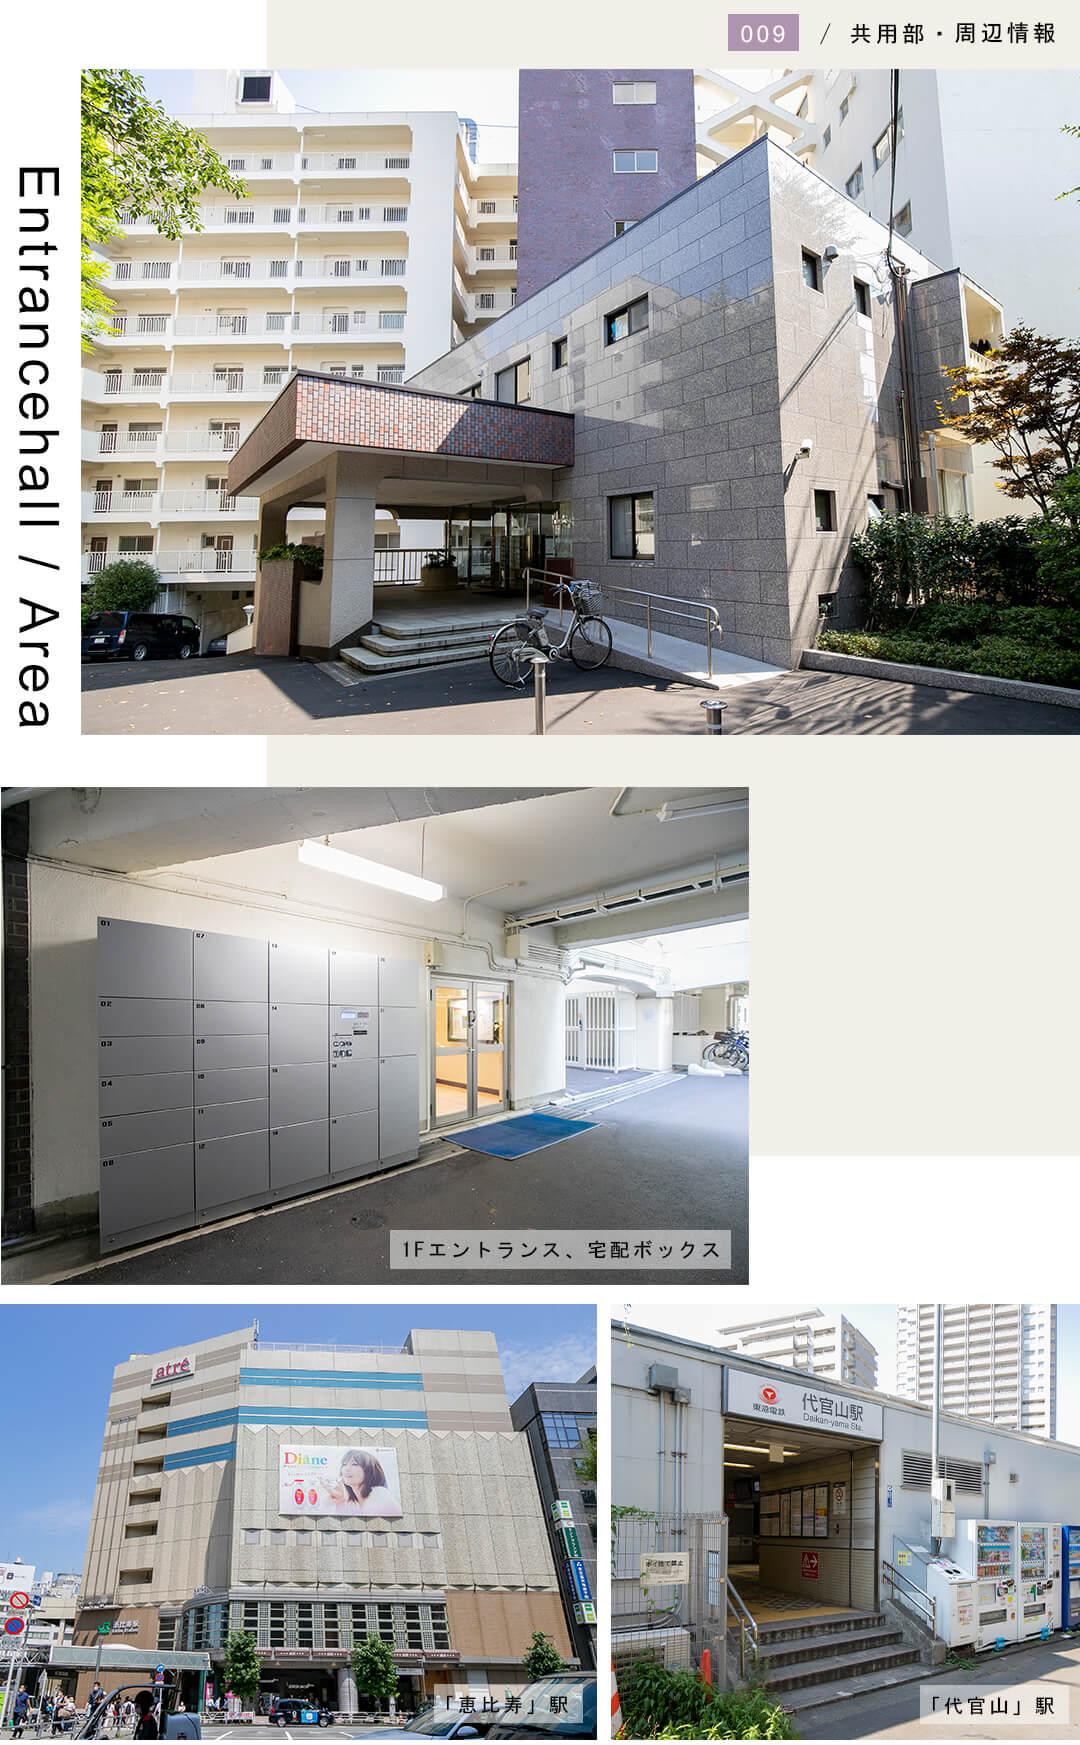 マンション恵比寿苑の外観と共用部と周辺情報